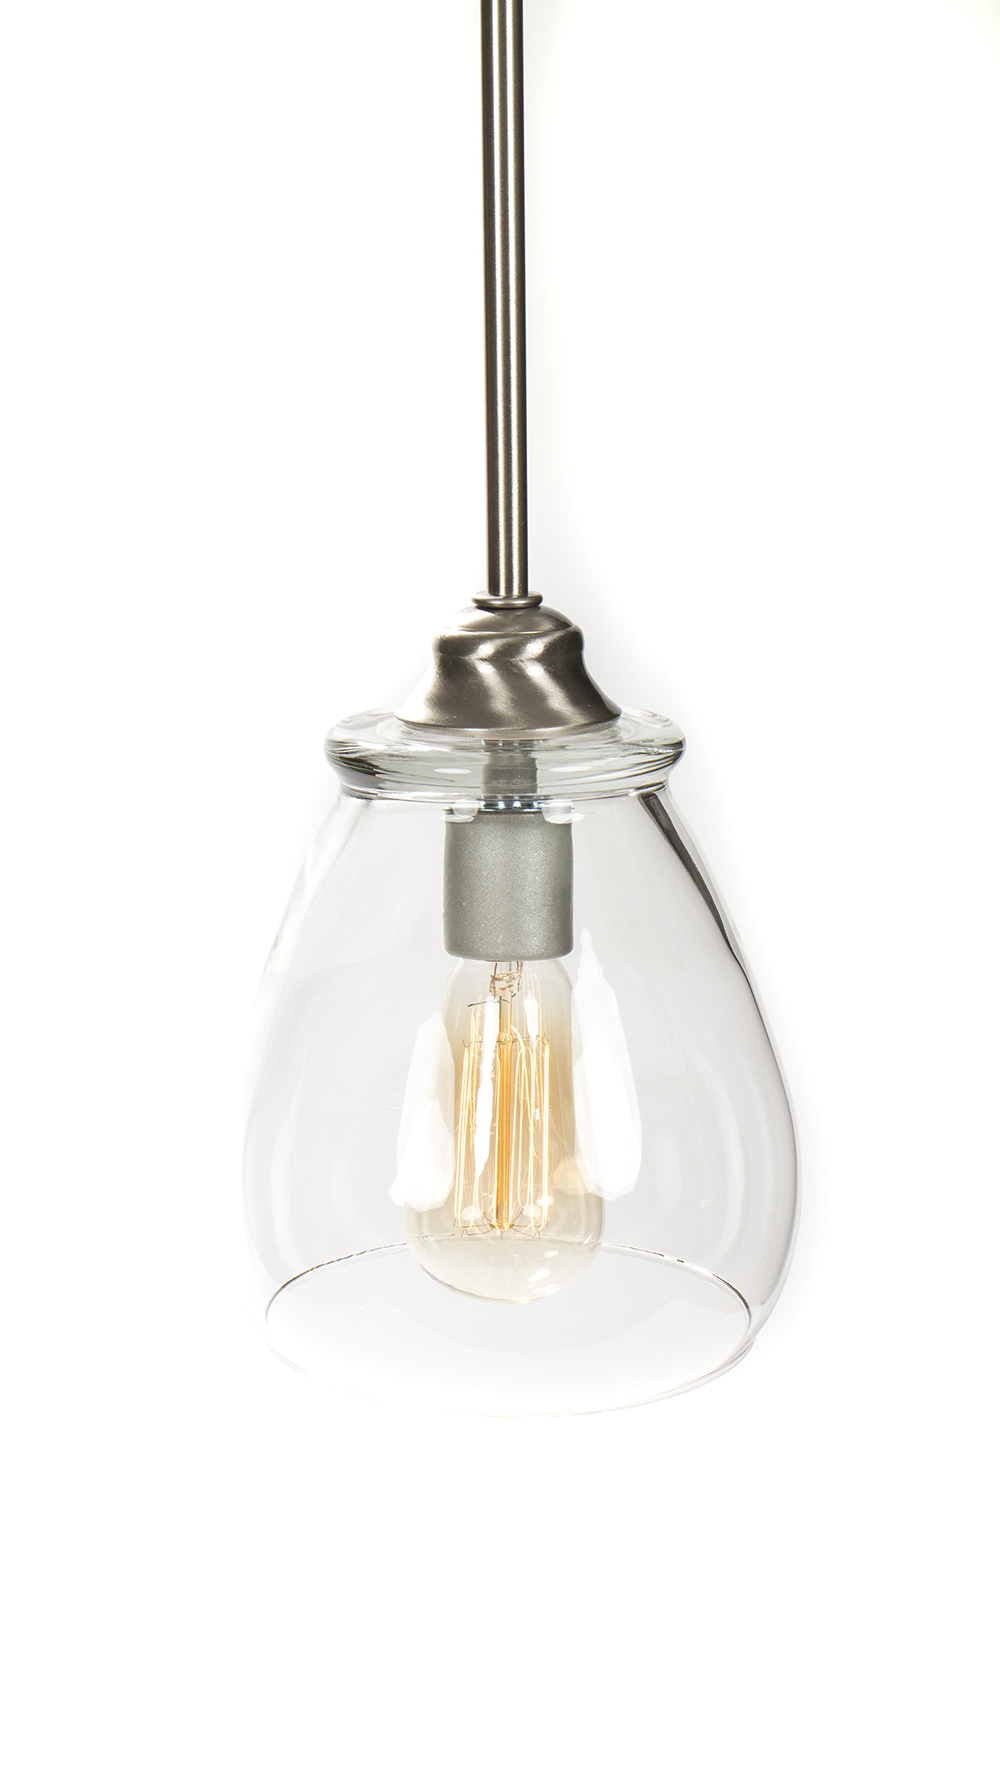 Pendant Light Bulb Type : Pendant light fixture edison bulb brushed nickel